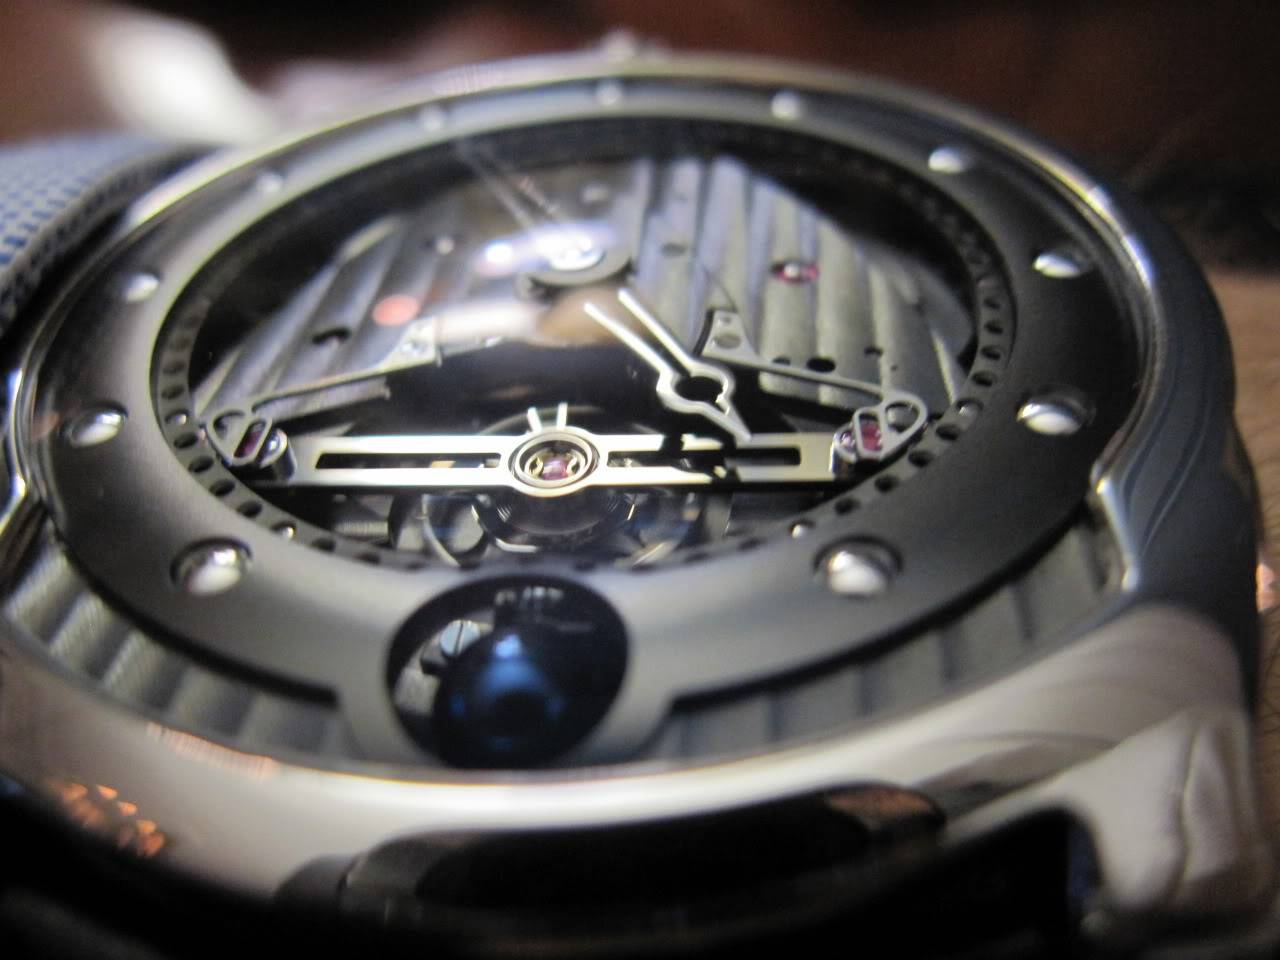 Où l'horlogerie devient art... (De Bethune inside) - Page 2 DB_SIHH2010_027